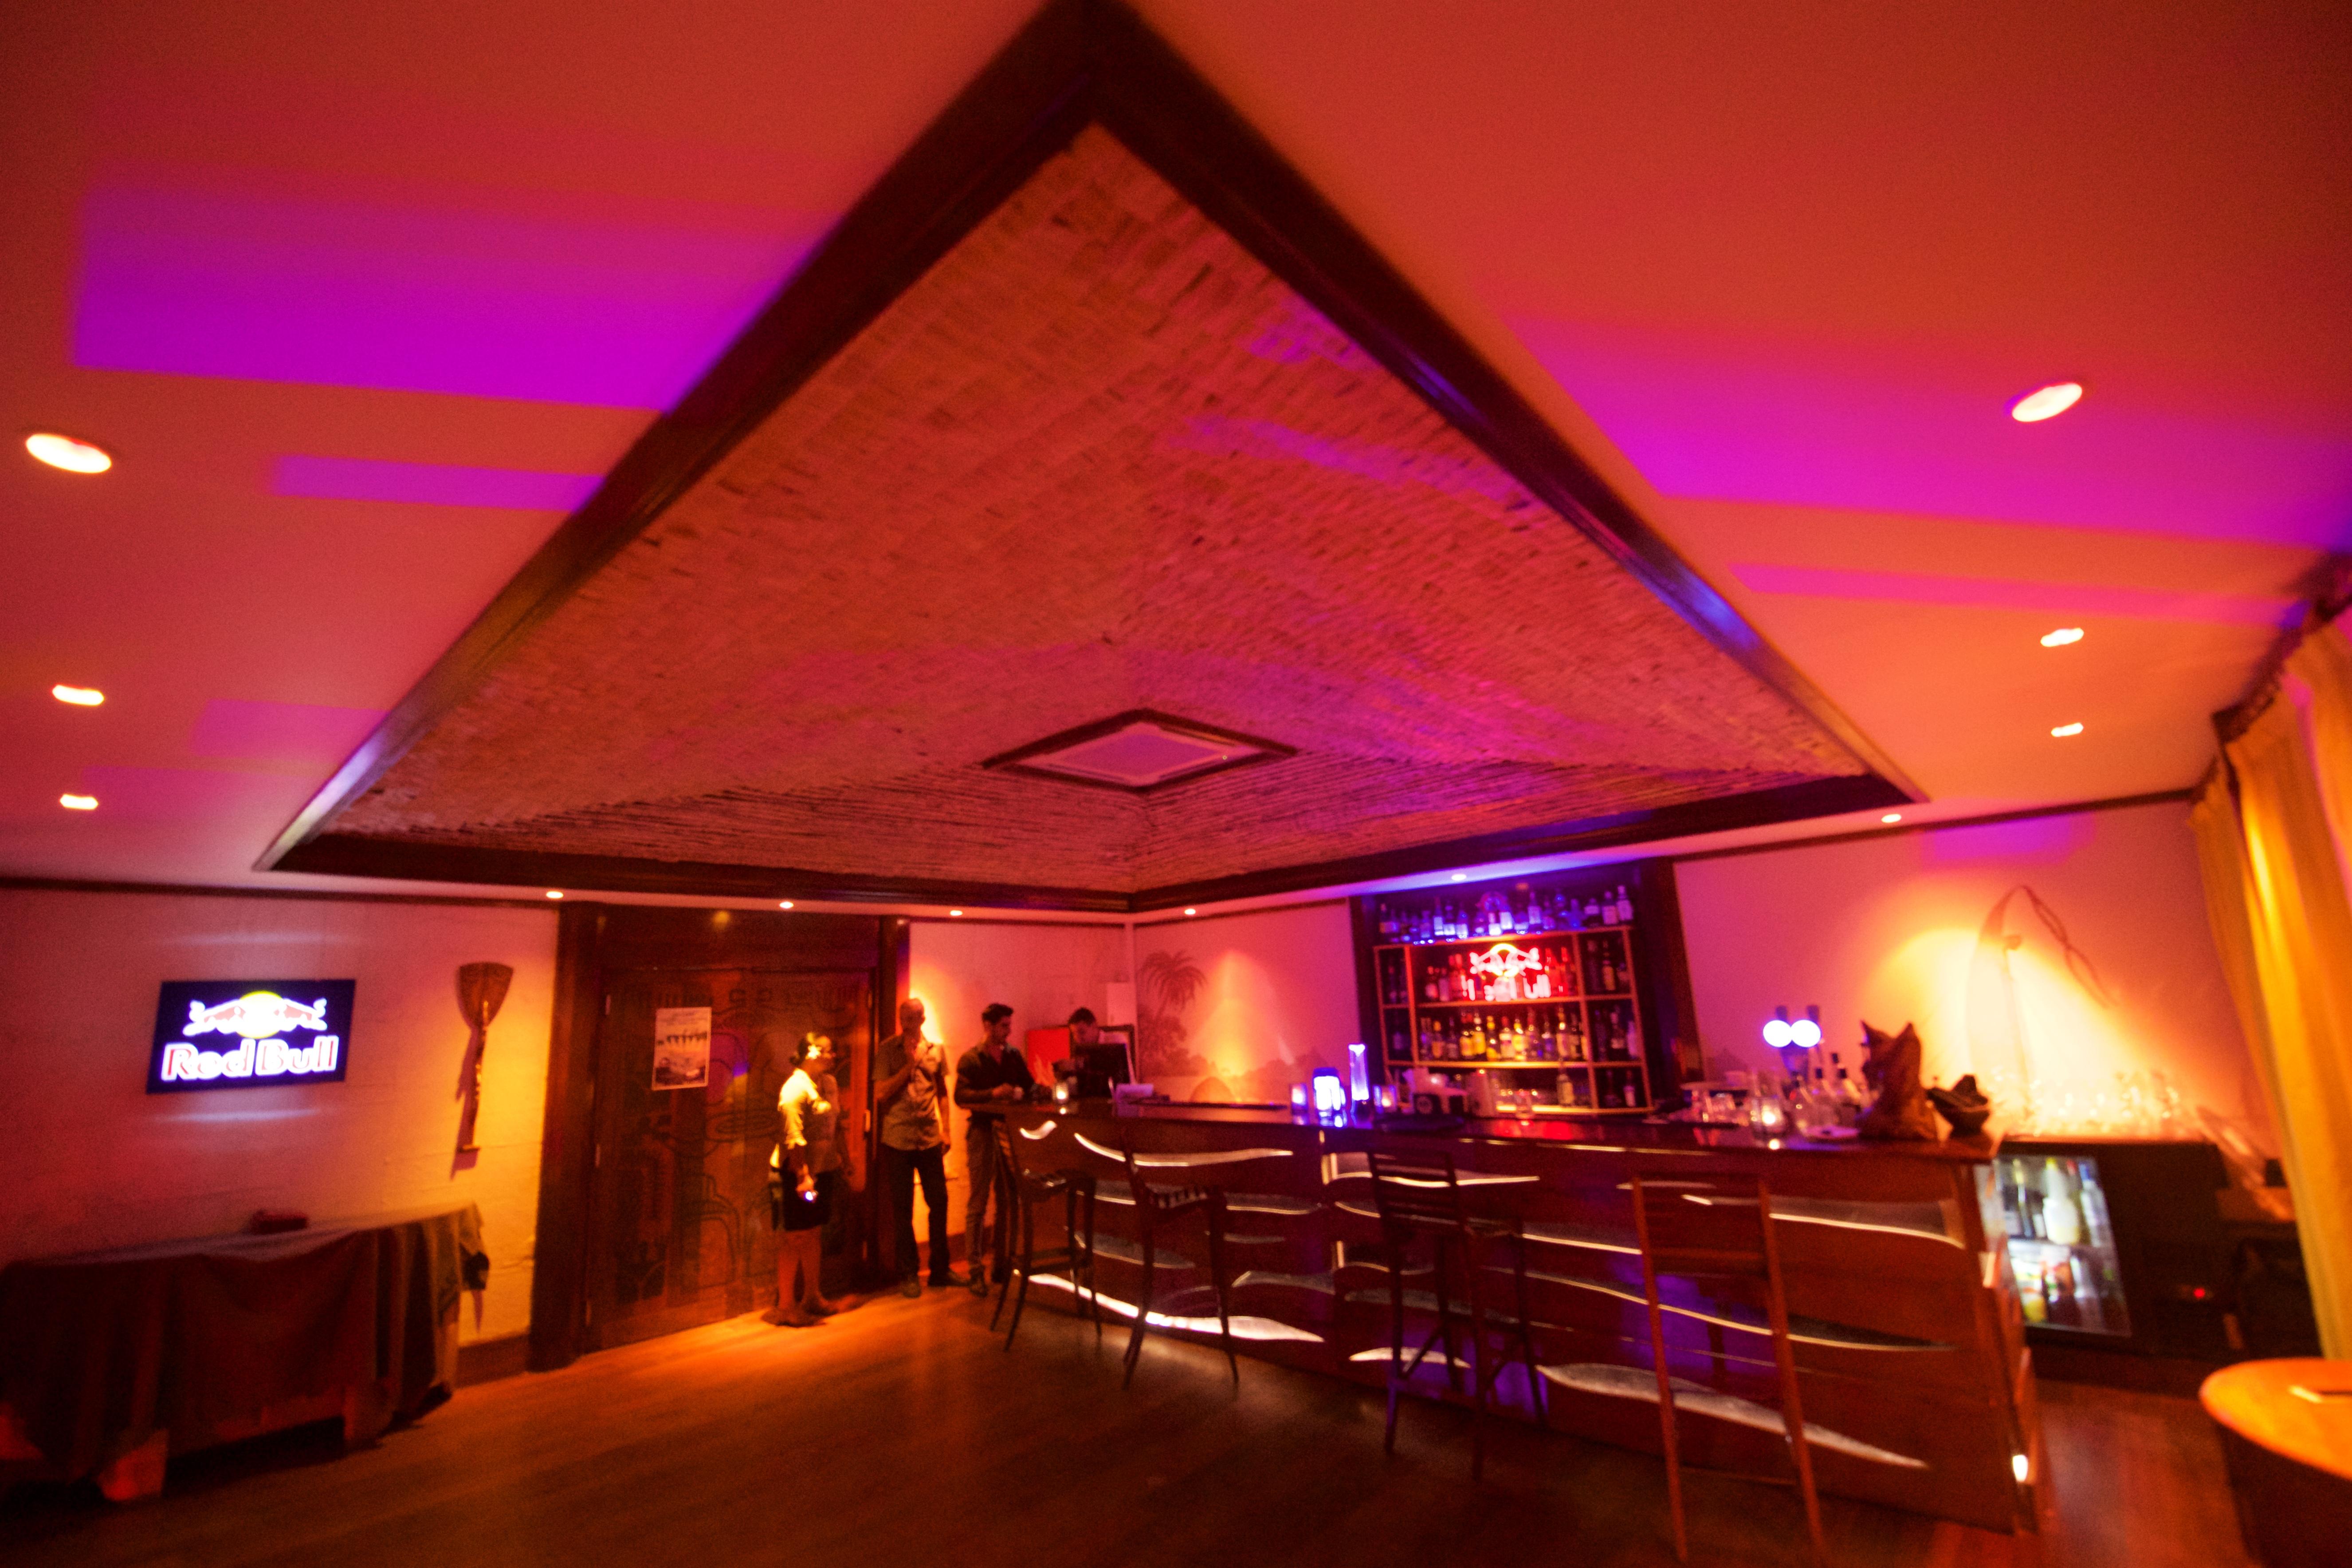 https://tahititourisme.ca/wp-content/uploads/2018/03/RESTAURATION-Matahiehani-Lounge-Bar-1-Tim_McKenna.jpg